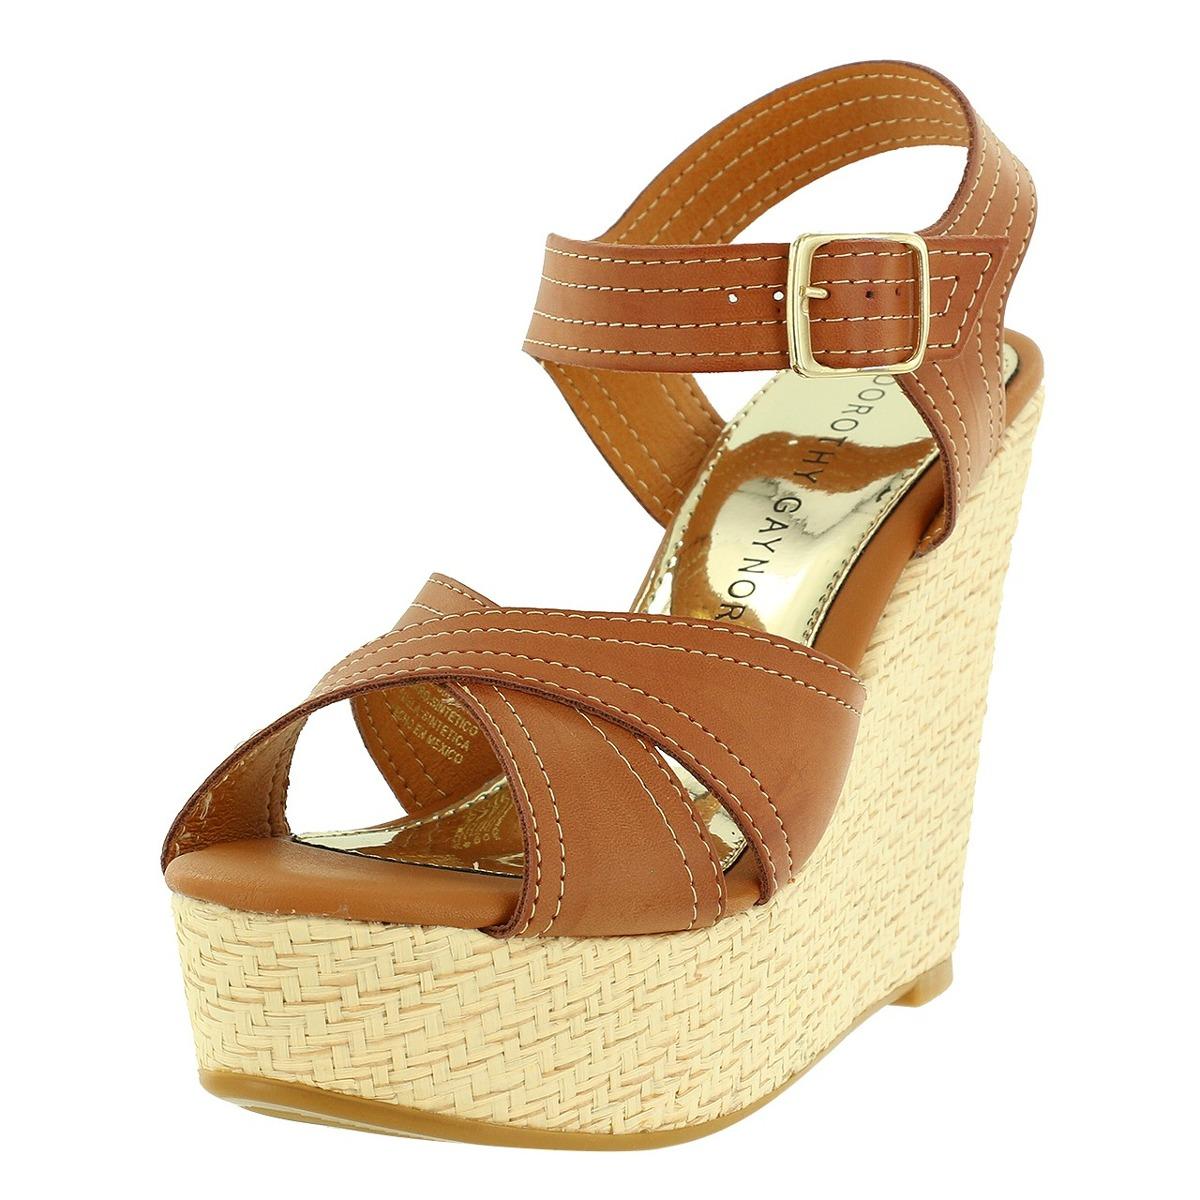 Sandalia Zapato Dorothy En Dama 00 Gaynor559 Camel Cuña Mujer bH2I9eDYWE